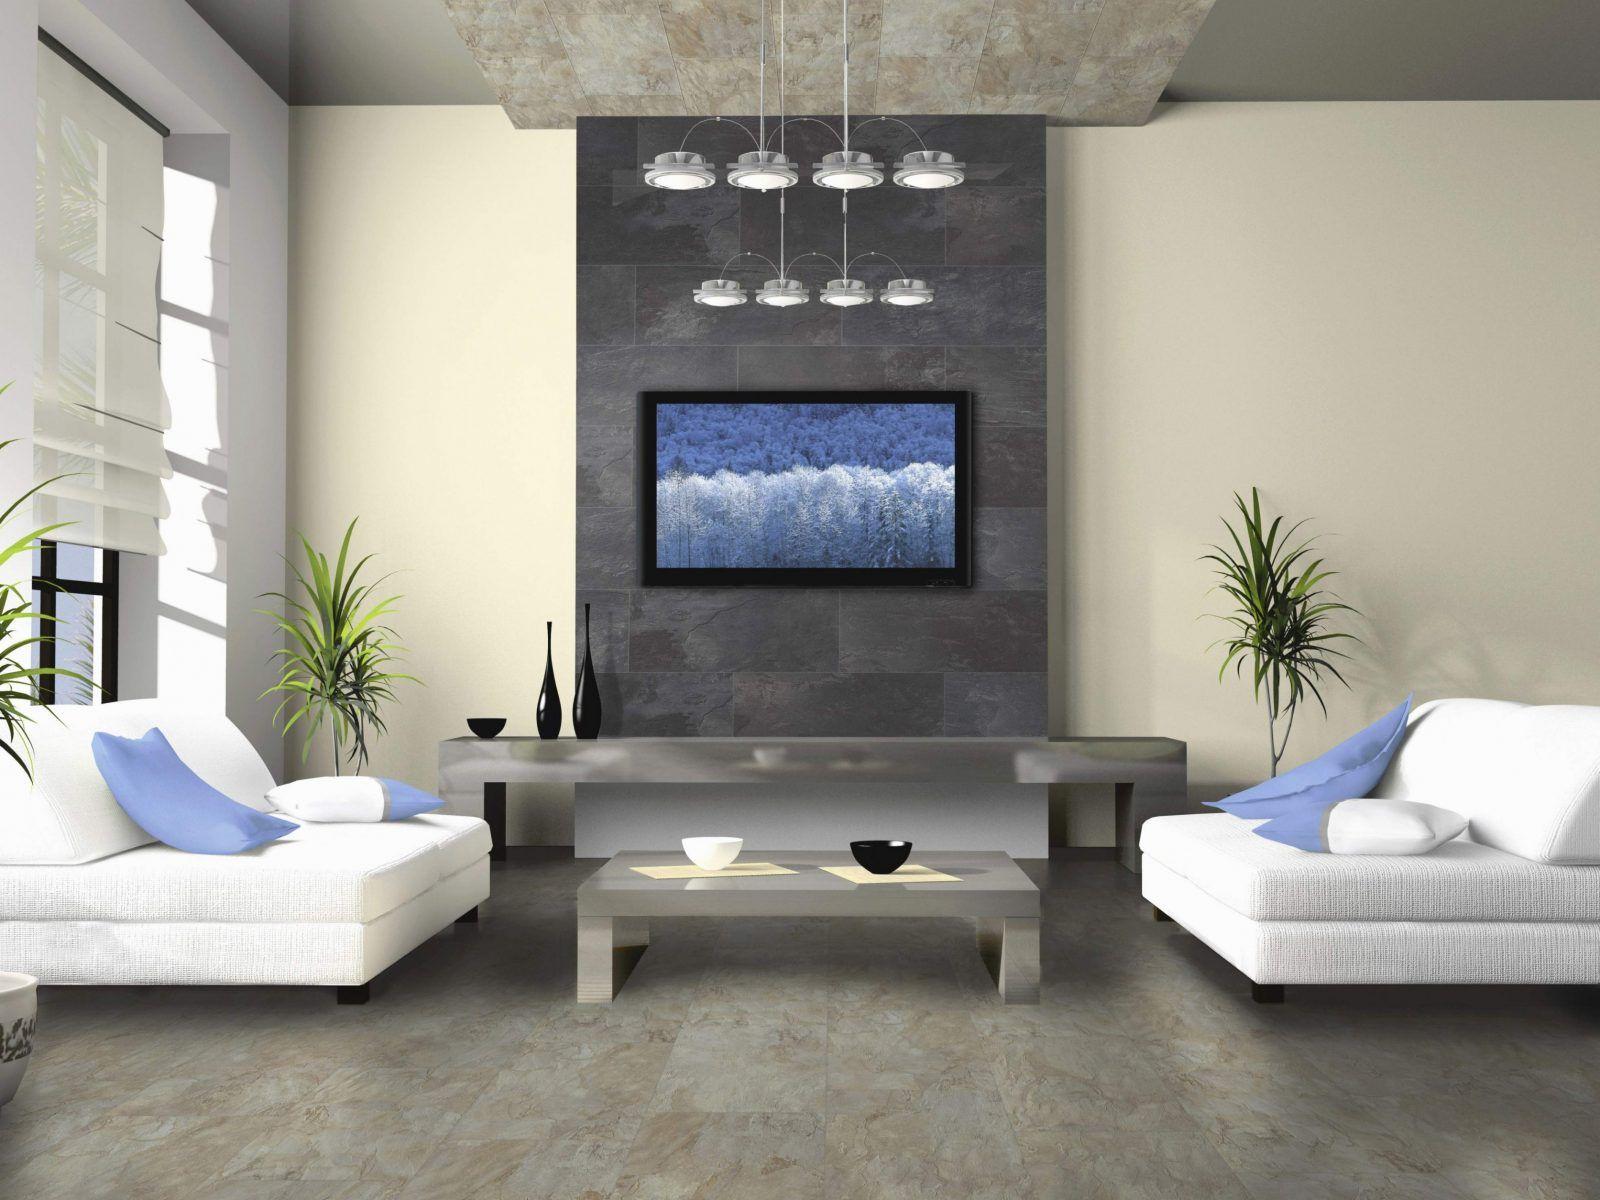 Dekoration Wohnzimmer Reizend Wohnzimmer Wand 4D Der von